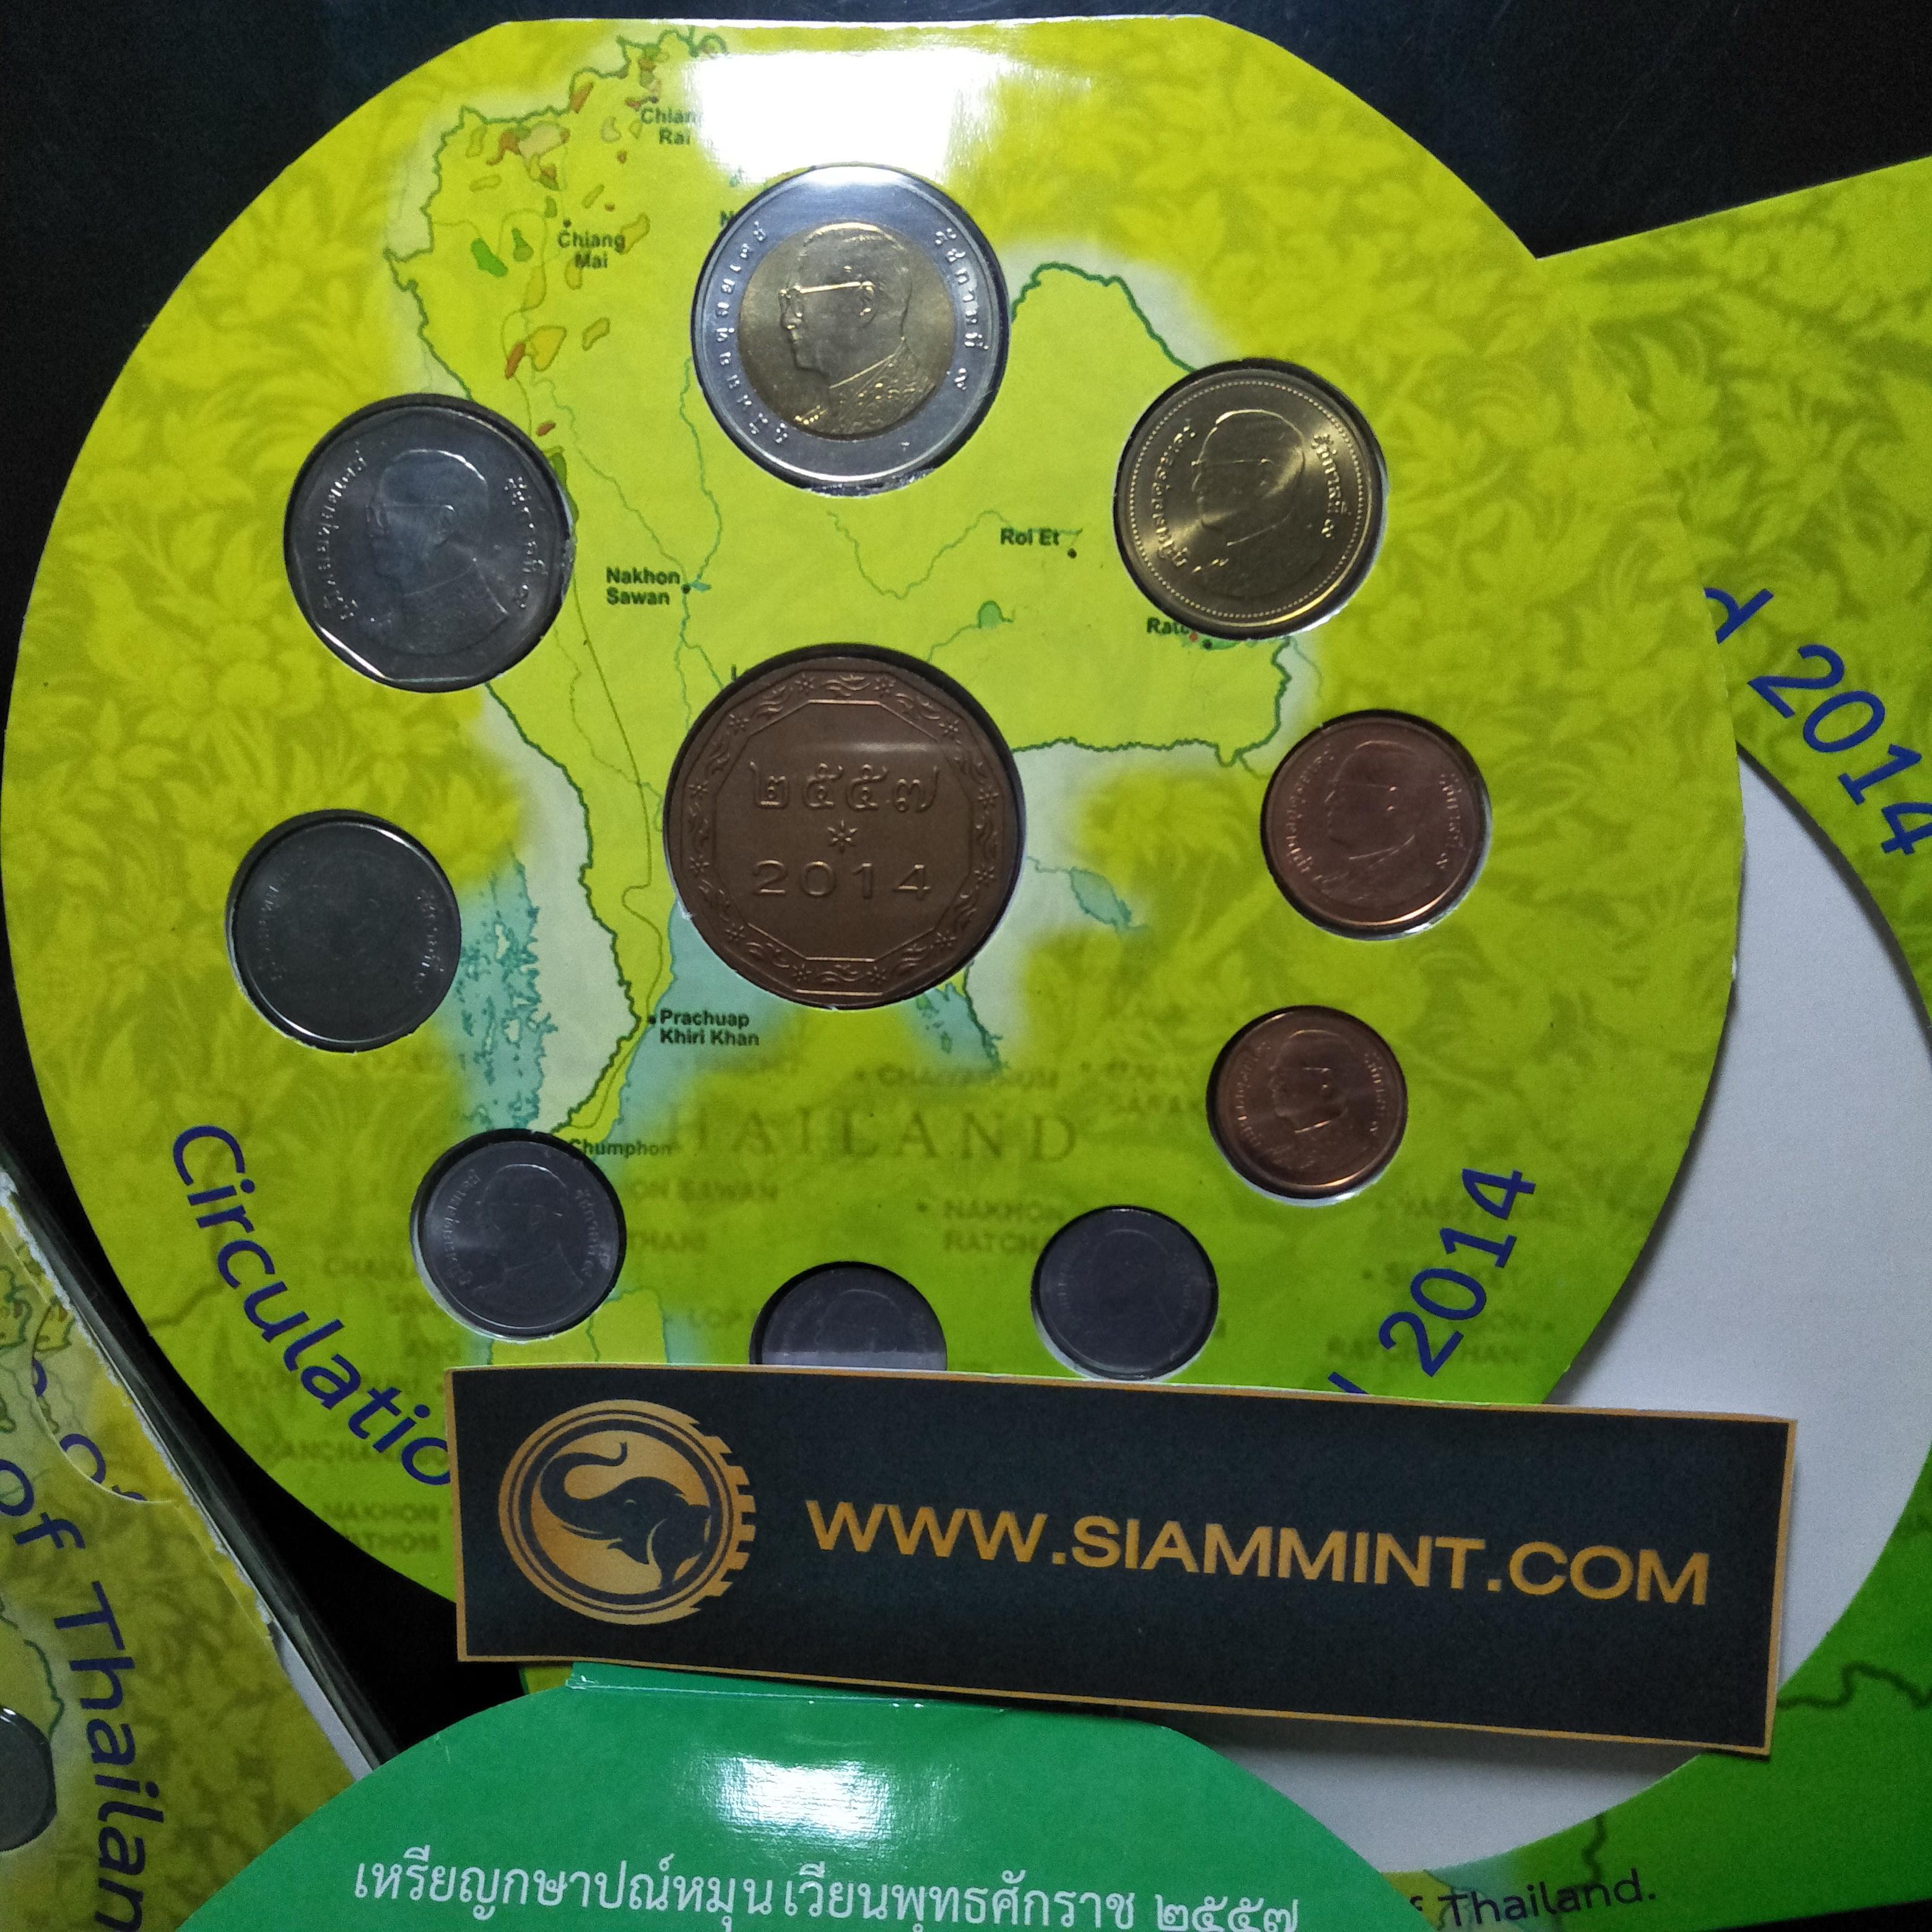 แผงเหรียญหมุนเวียนประจำปี 2557